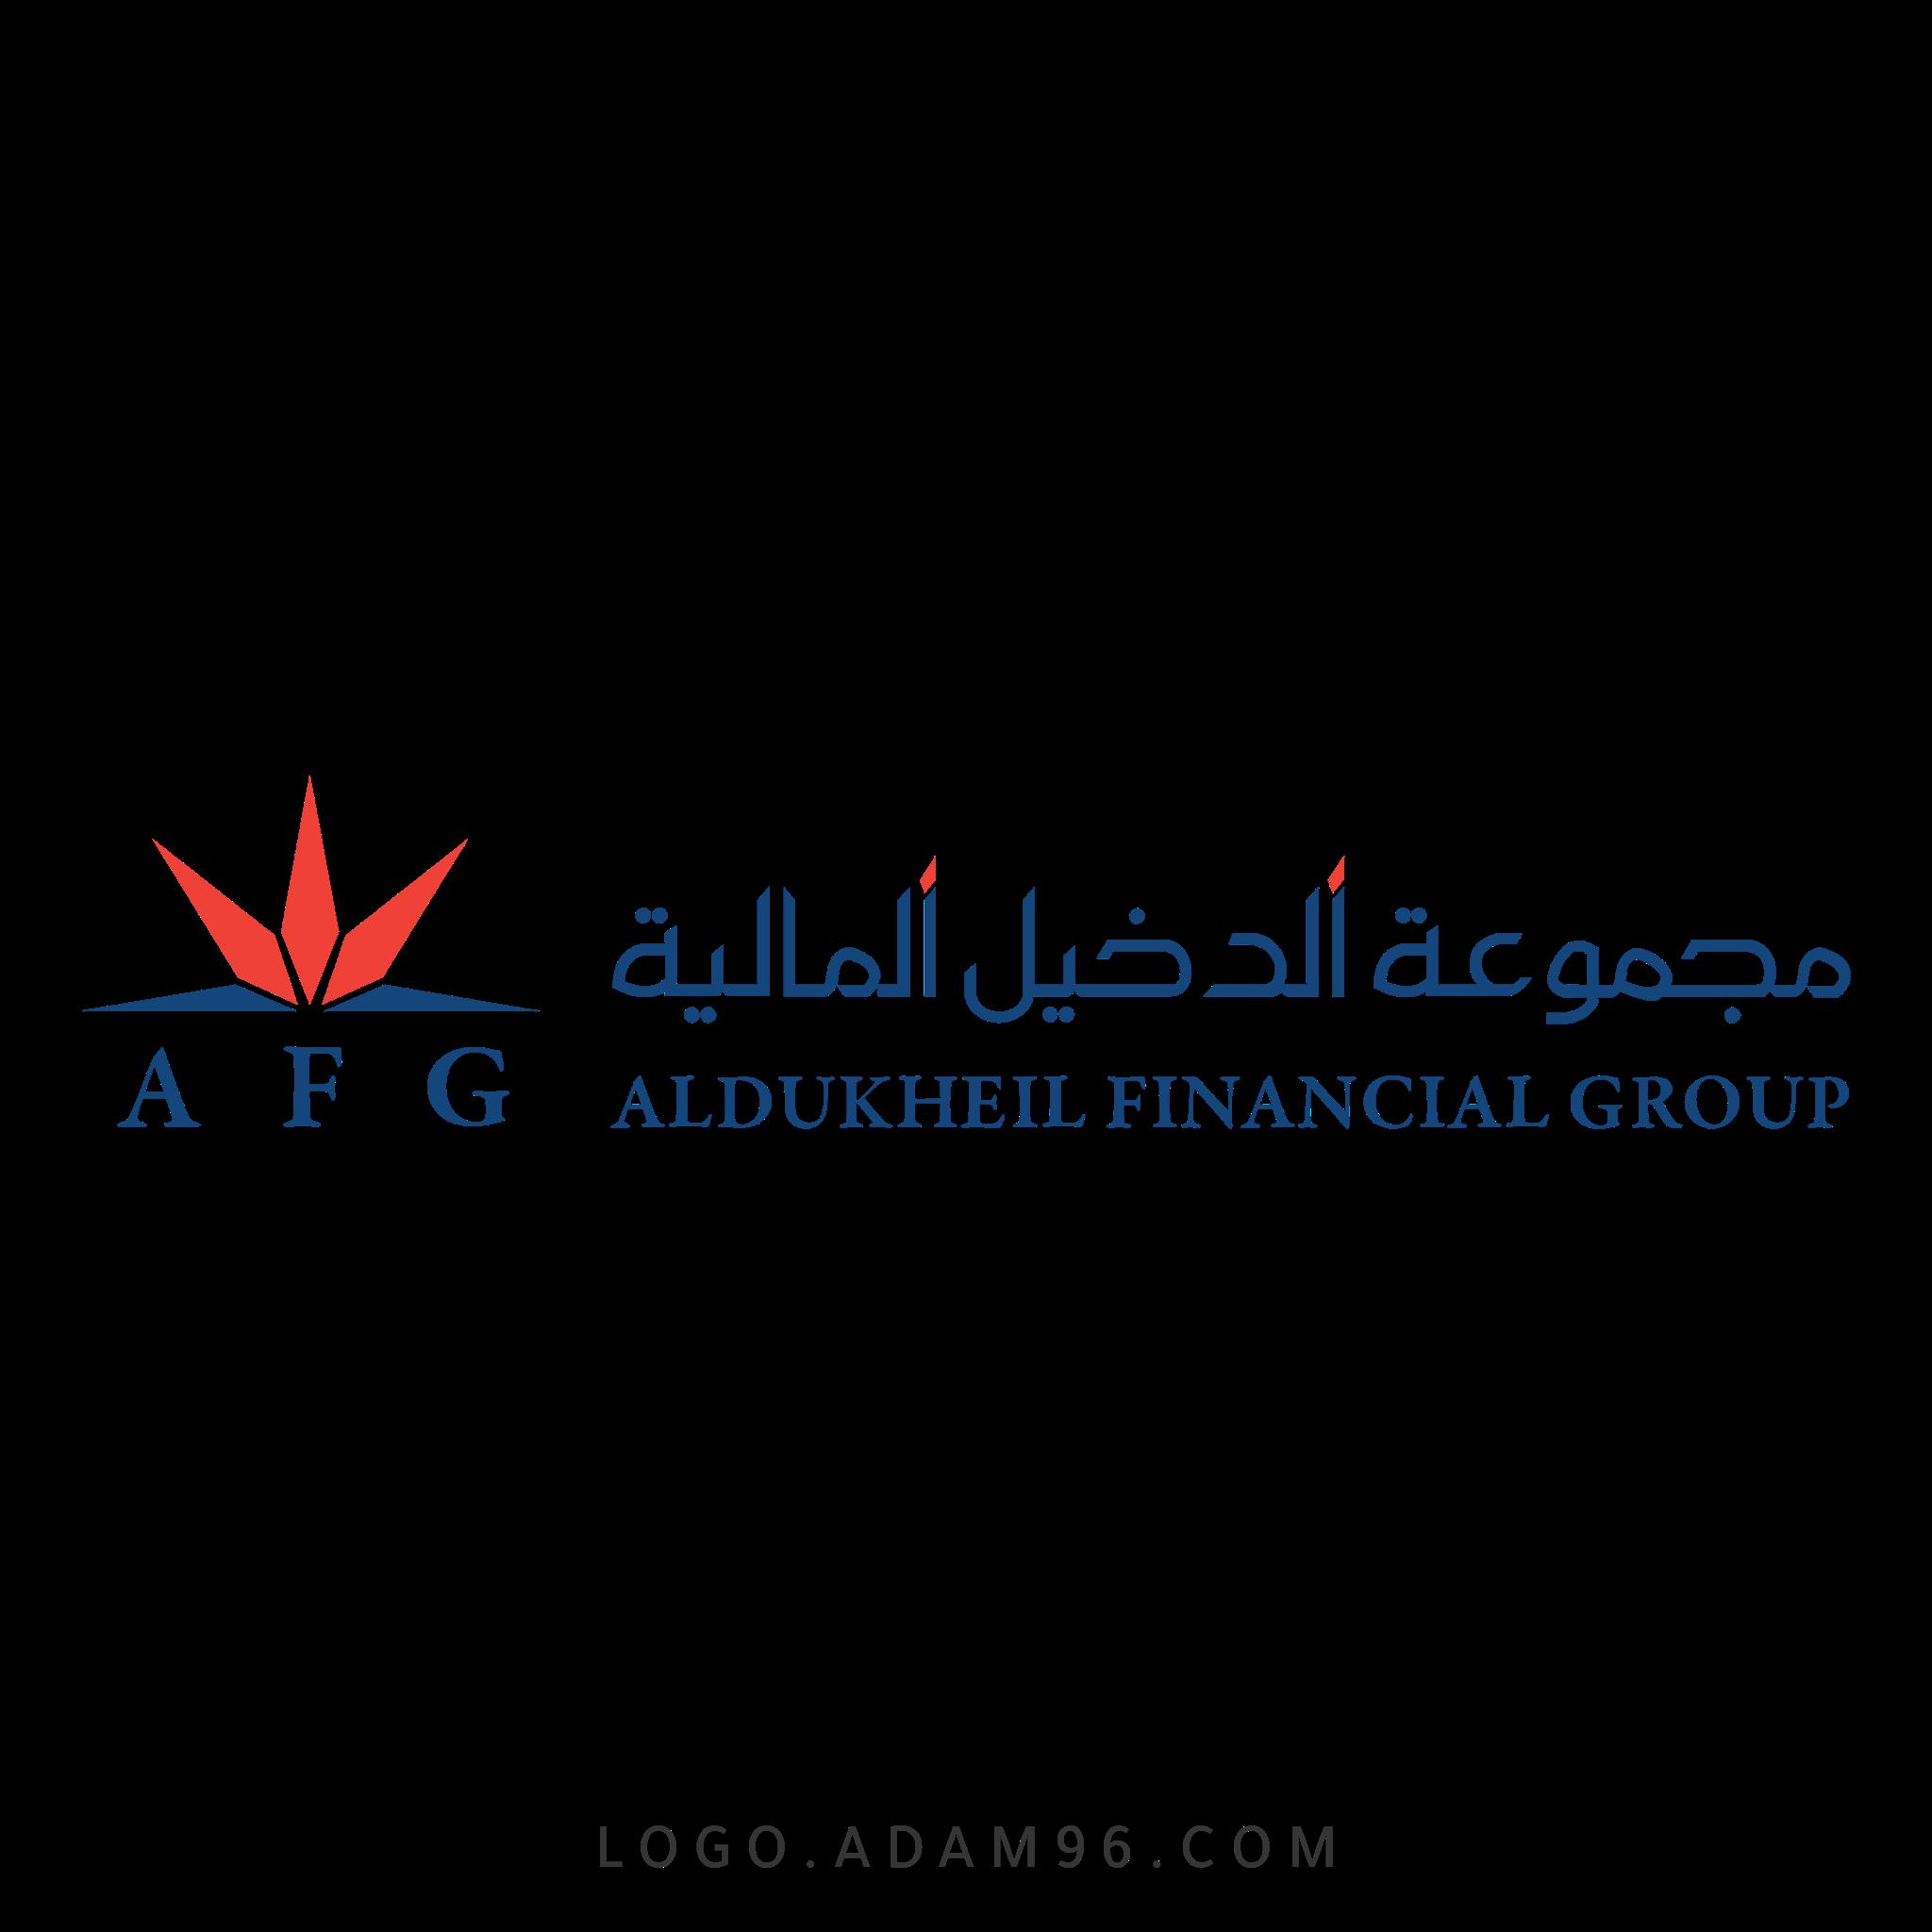 تحميل شعار مجموعة الدخيل المالية السعودية لوجو رسمي بجودة عالية PNG